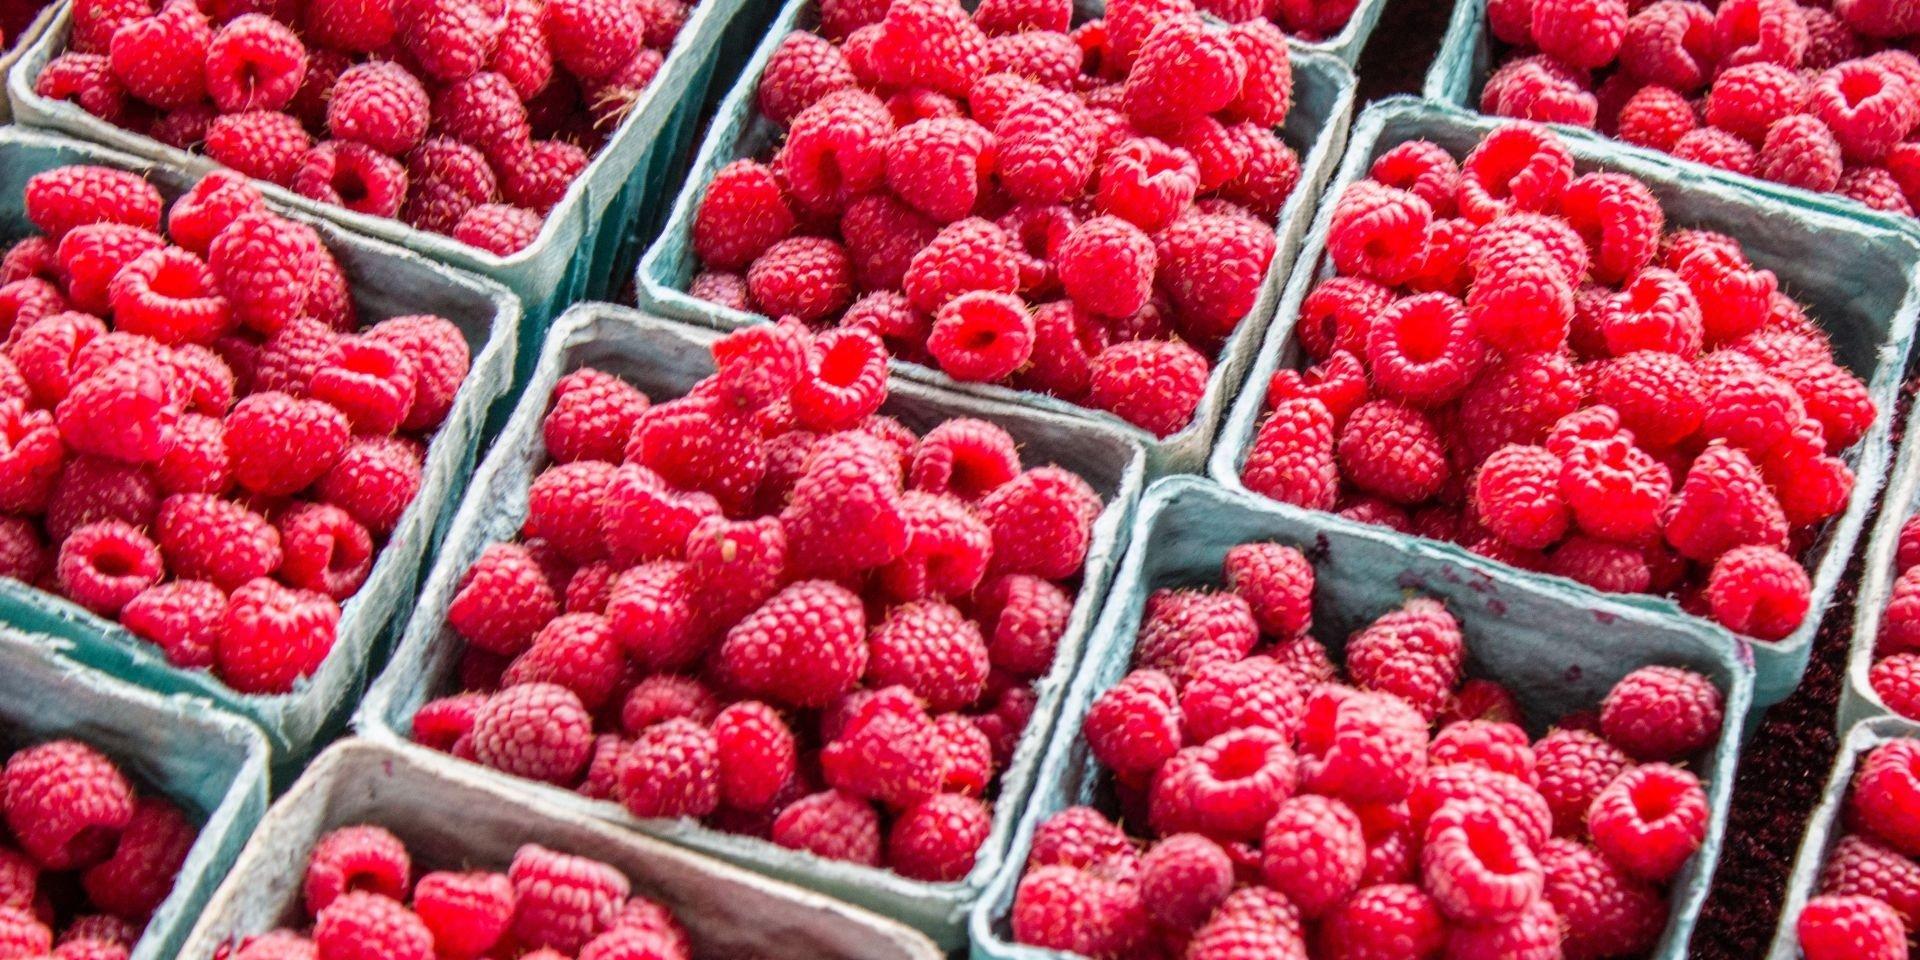 Коли в Україні подешевшає малина: ціни на ягоди зашкалюють в розпал сезону - today.ua